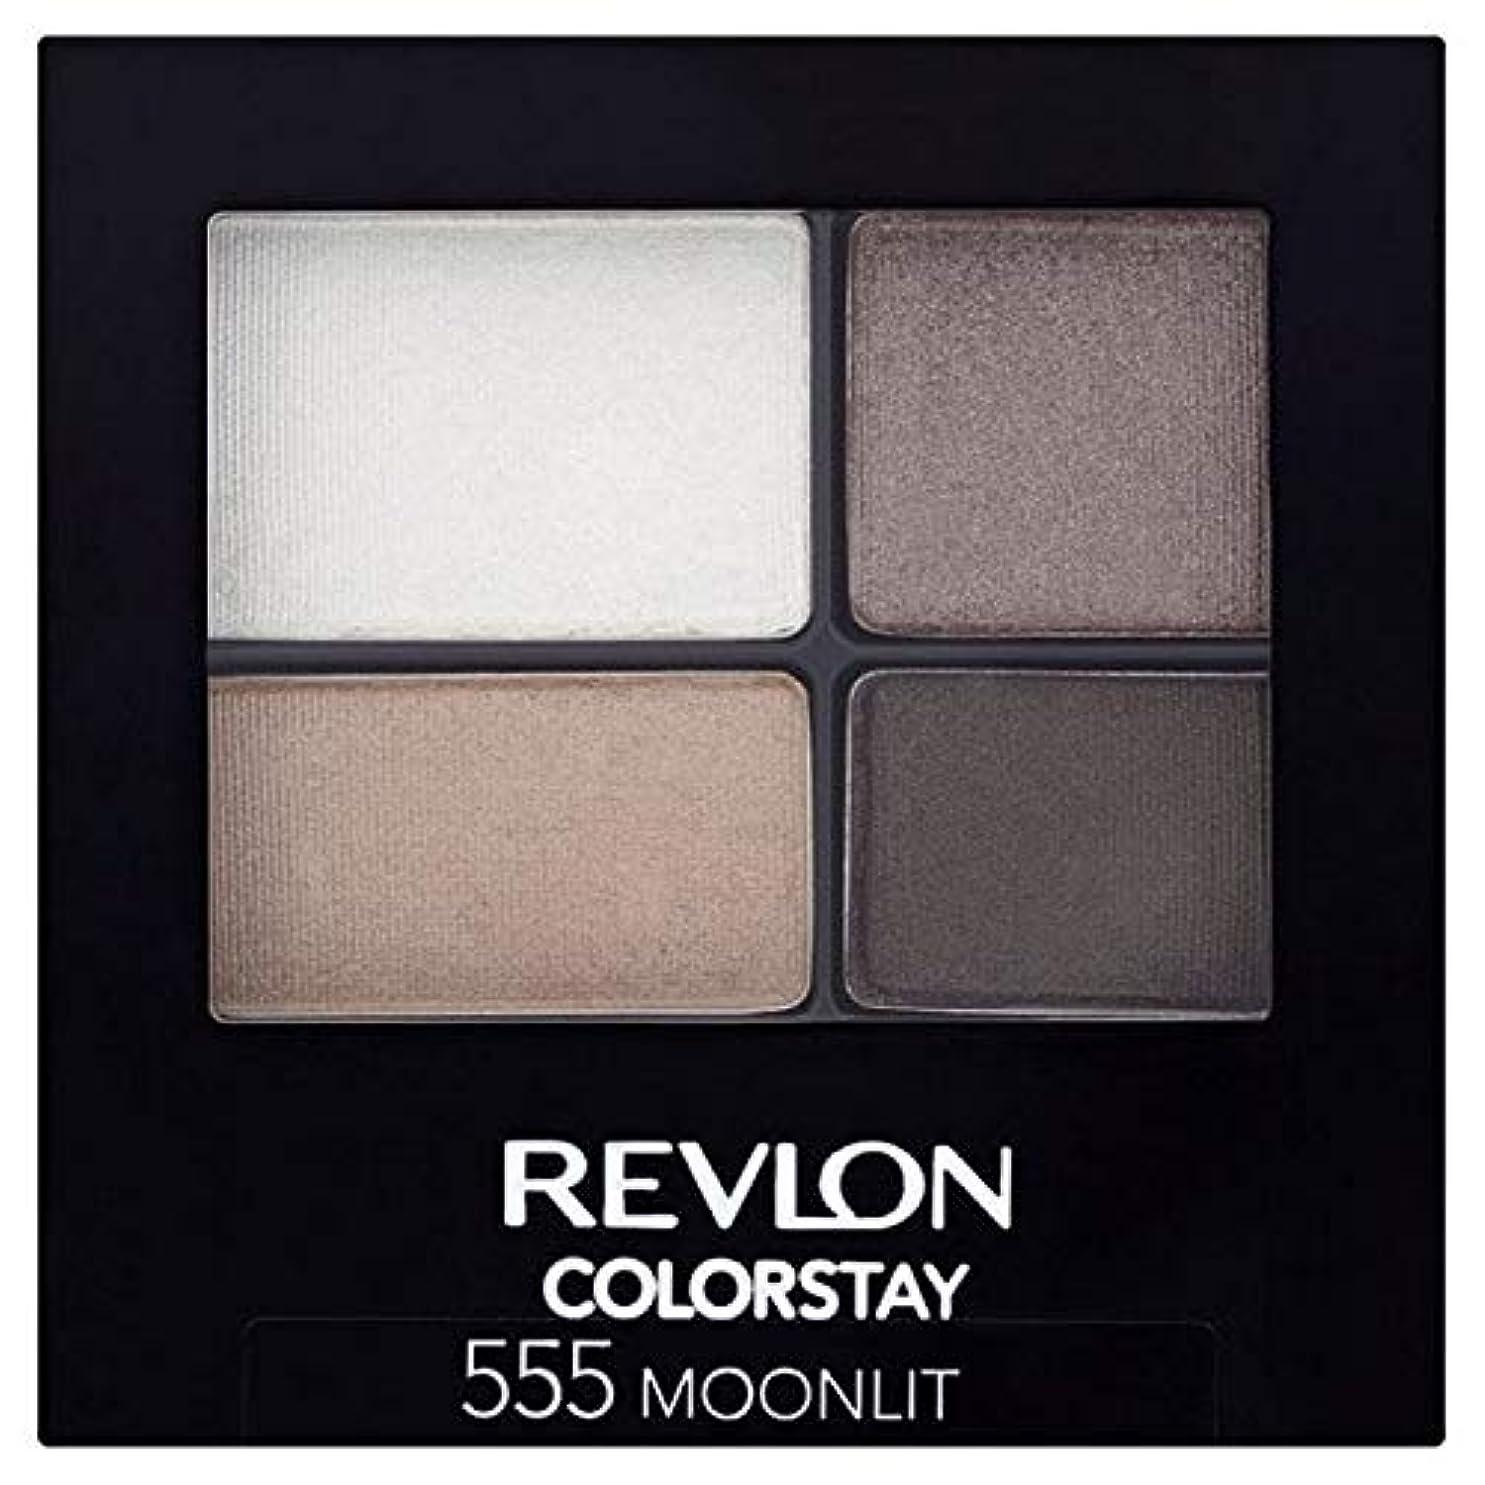 基準ライブカトリック教徒[Revlon ] レブロンColorstay 16時間のアイシャドウは555月光 - Revlon Colorstay 16 Hour Eye Shadow Moonlight 555 [並行輸入品]